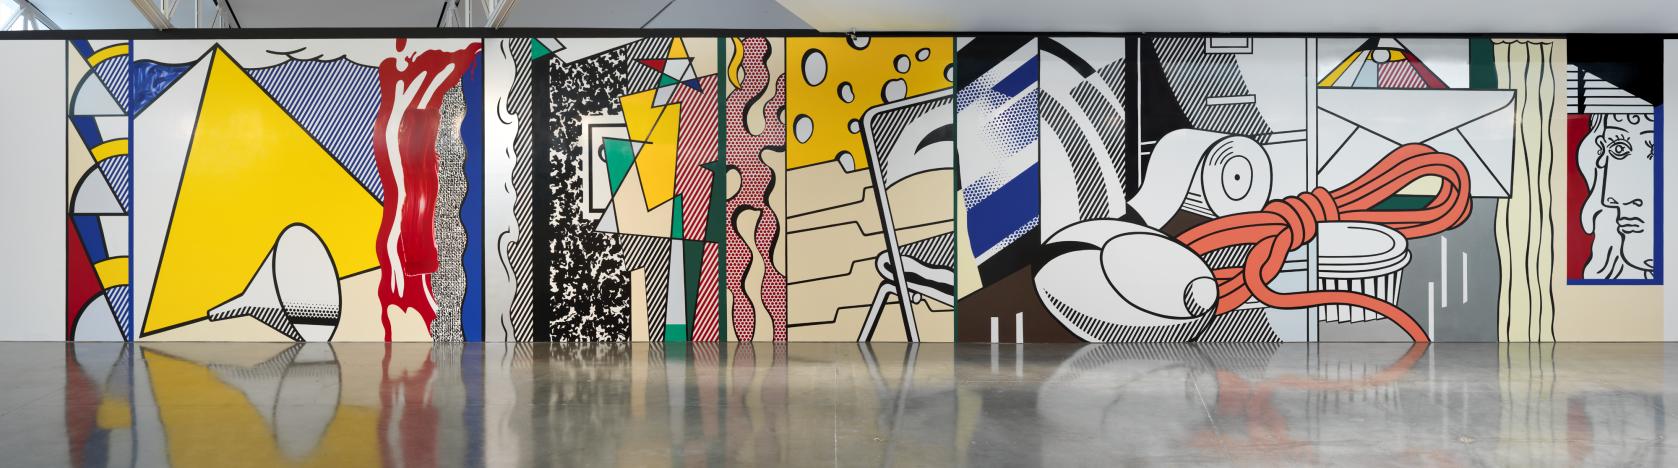 """ROB MCKEEVER, """"ROY LICHTENSTEIN: Greene Street Mural,"""" Installation view, Artwork © Estate of Roy Lichtenstein, 2015, Gagosian Gallery 555 West 24th Street New York, NY 10011"""